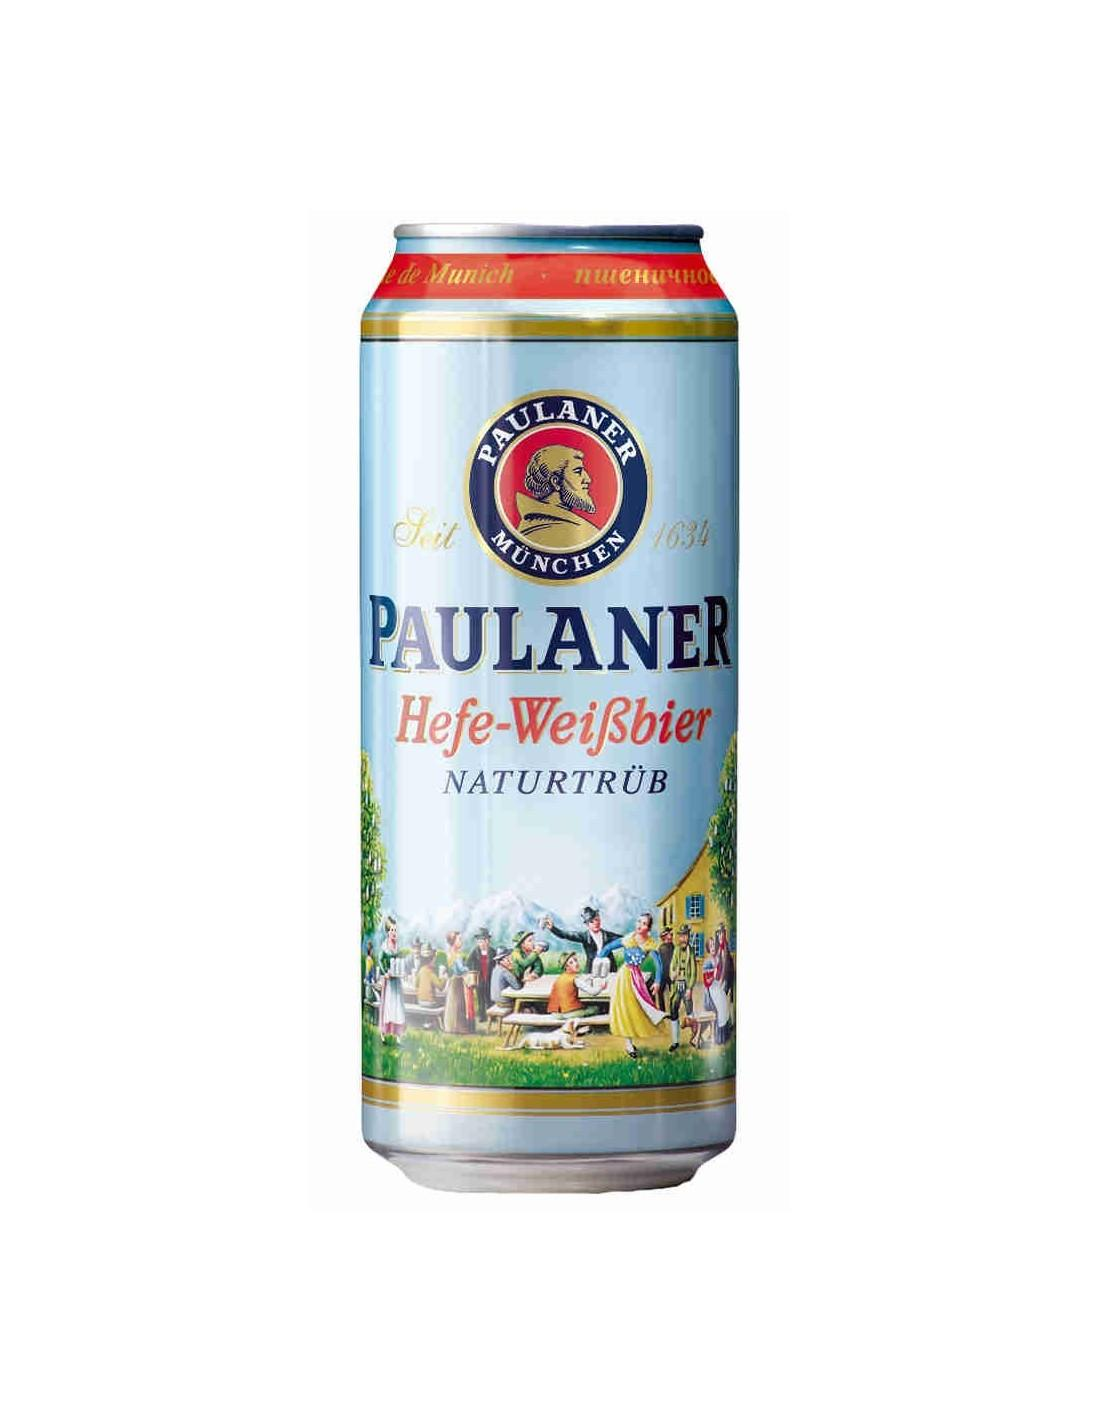 Пиво Paulaner Hefe-Weissbier светлое нефильтрованное пастеризованное 5,5%